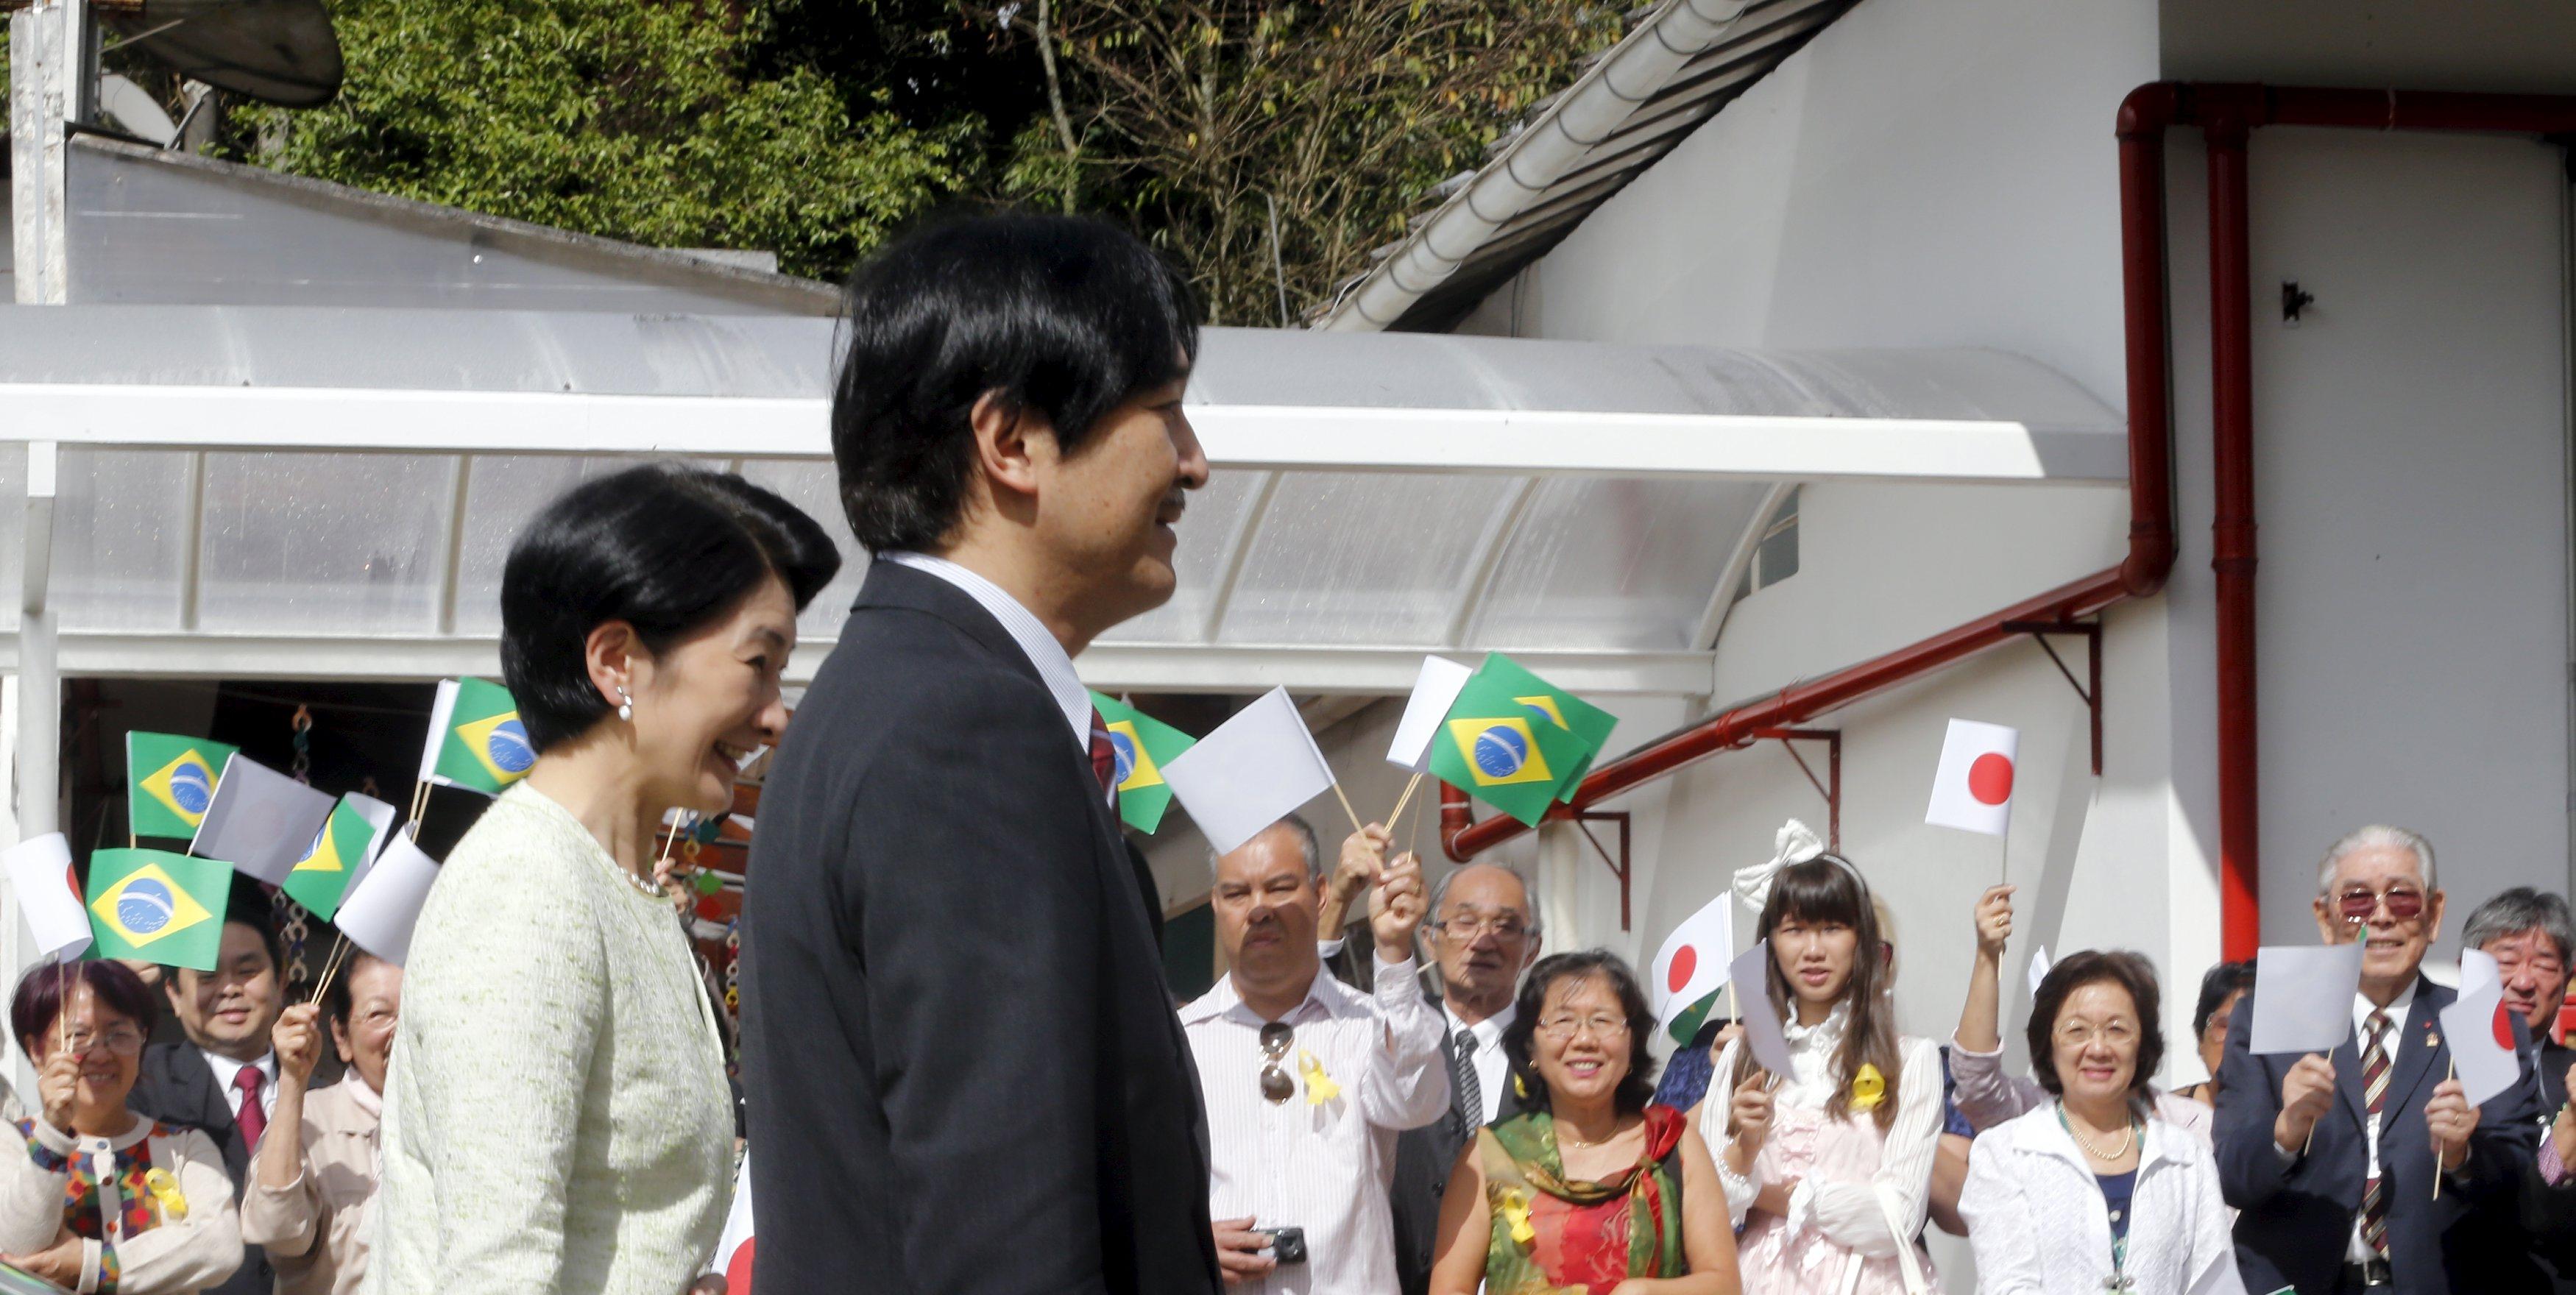 【皇室】皇太子さまがビオラ演奏 雅子さま愛子さまが拍手 [無断転載禁止]©2ch.net YouTube動画>6本 ->画像>380枚